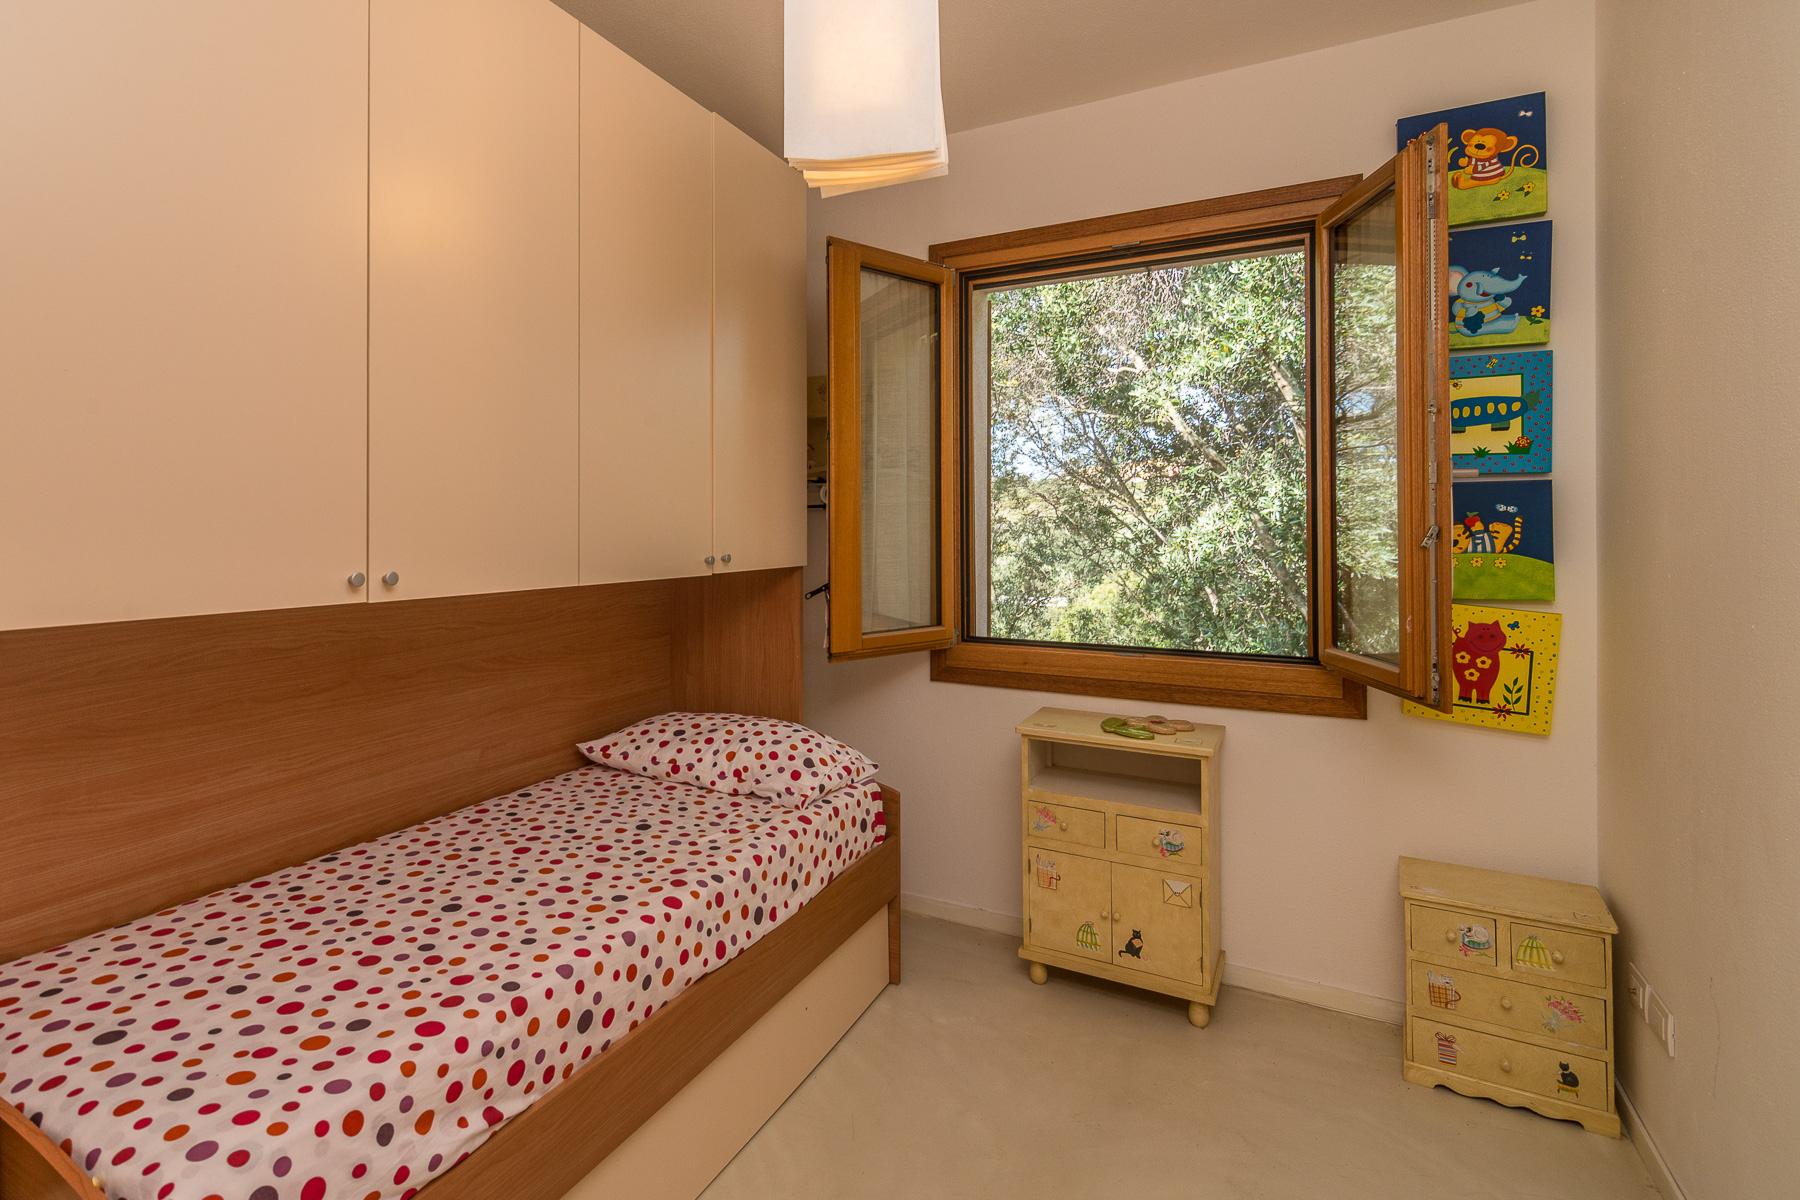 Villa in Vendita a Golfo Aranci: 5 locali, 170 mq - Foto 11